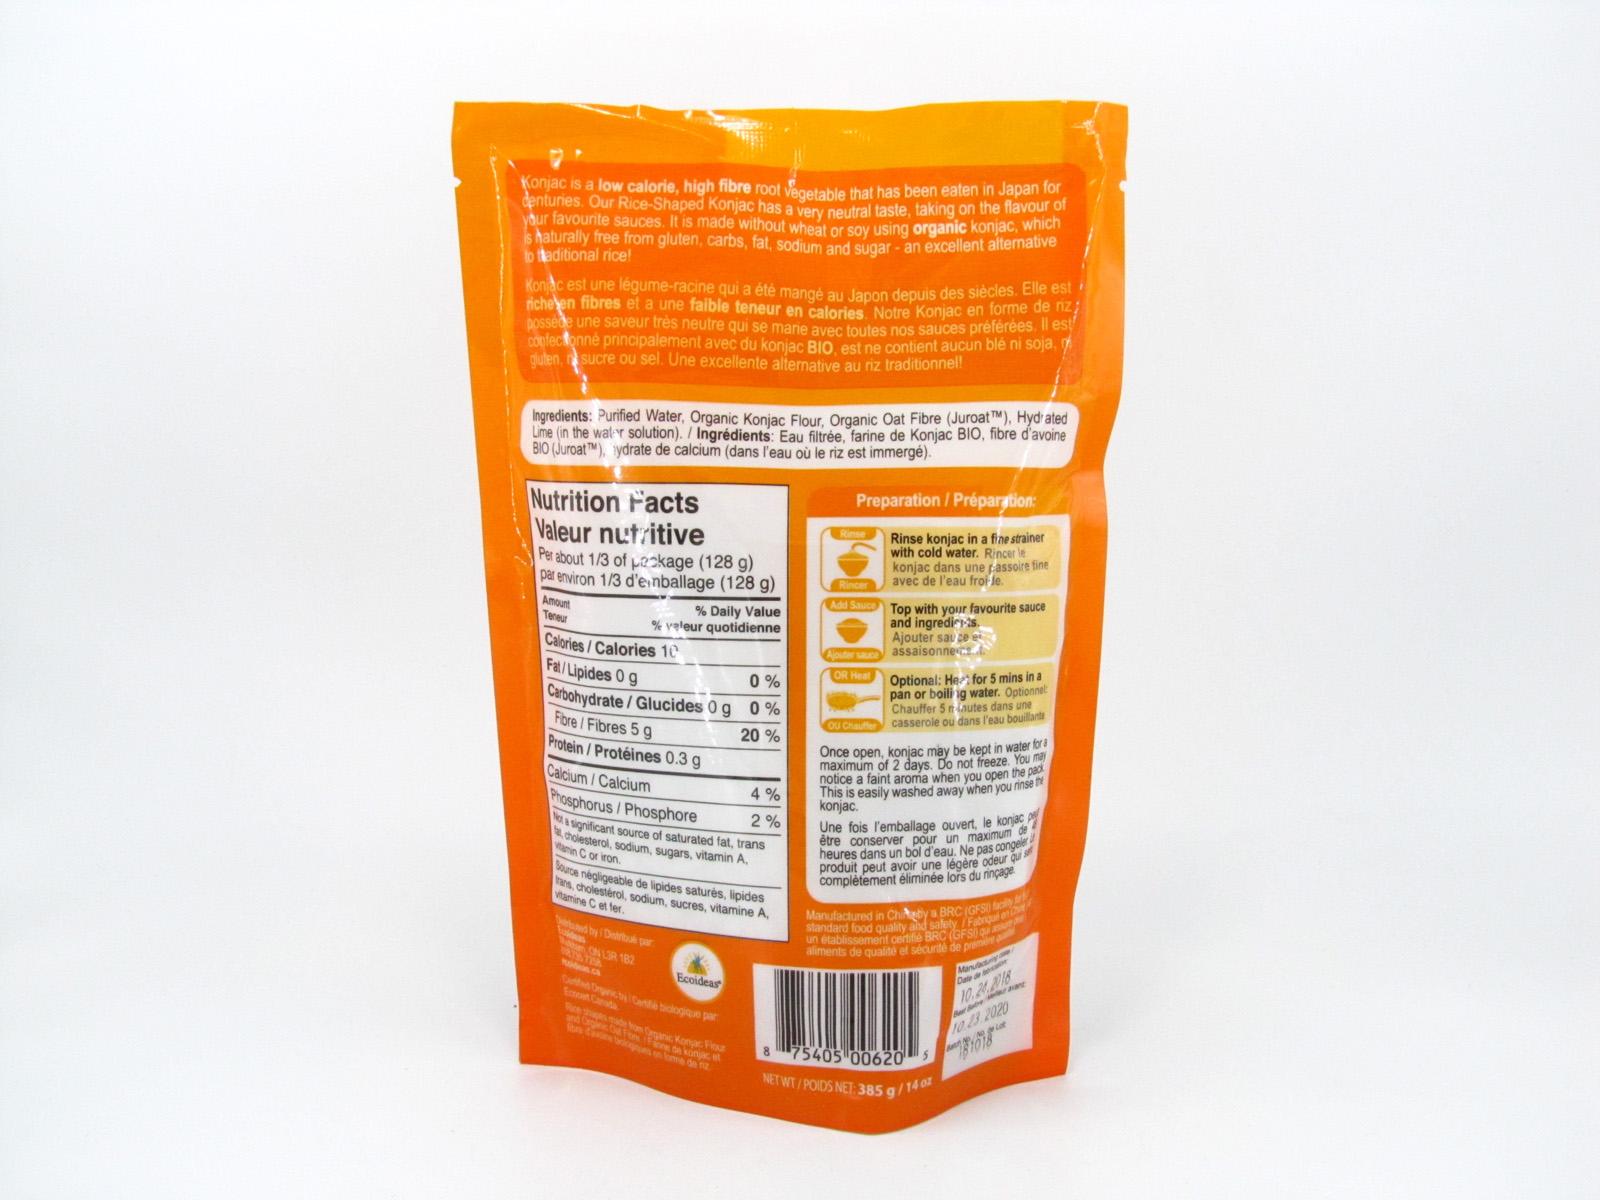 Organic Konjac Rice Ontario Nutrition